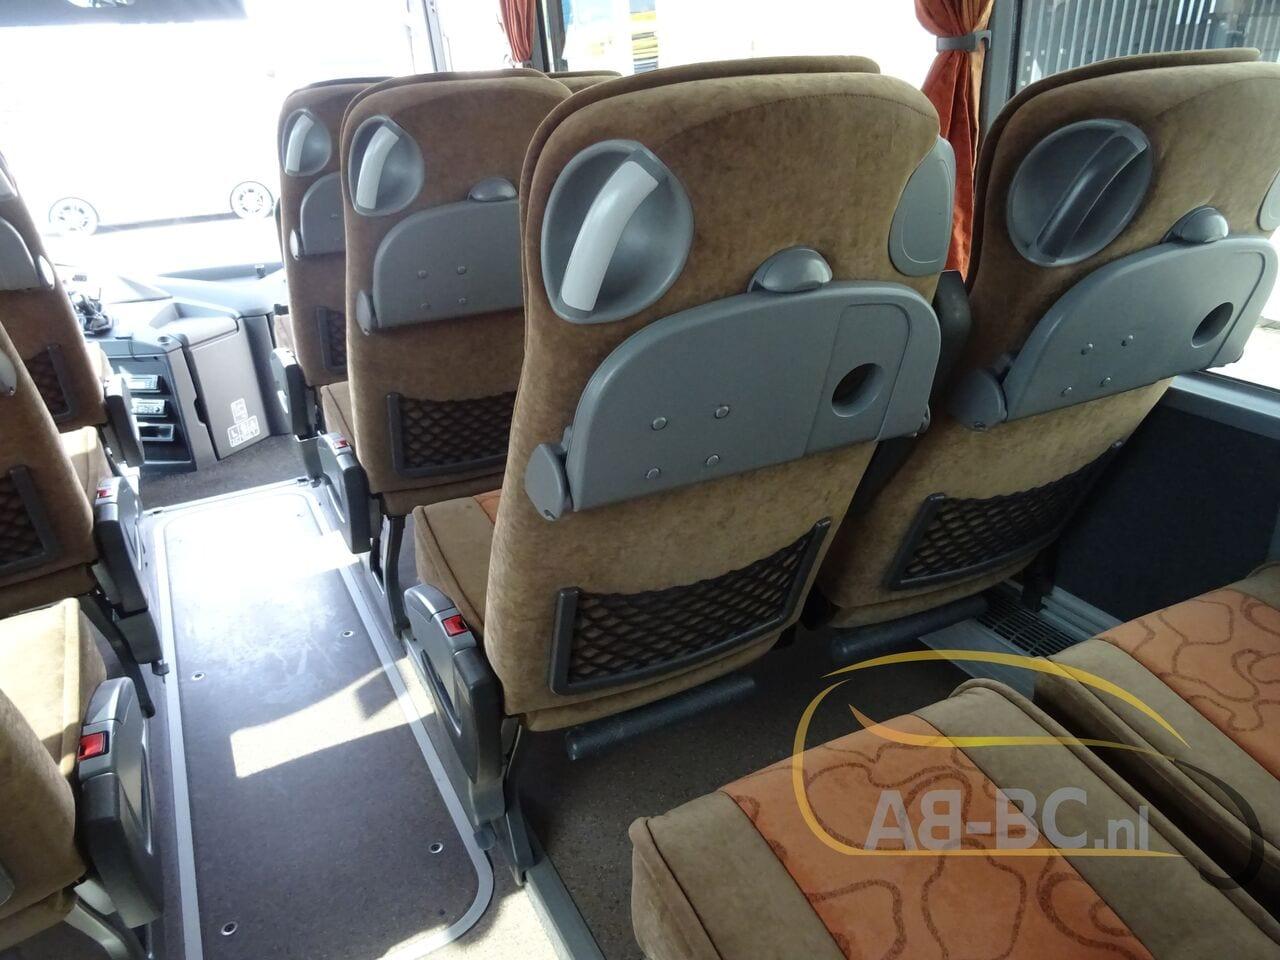 coach-busSETRA-S416H-48-SEATS-LIFTBUS---1620309983130328986_big_26fe9d5cdfb64287b3a9d89a95874cec--21050616581387095000